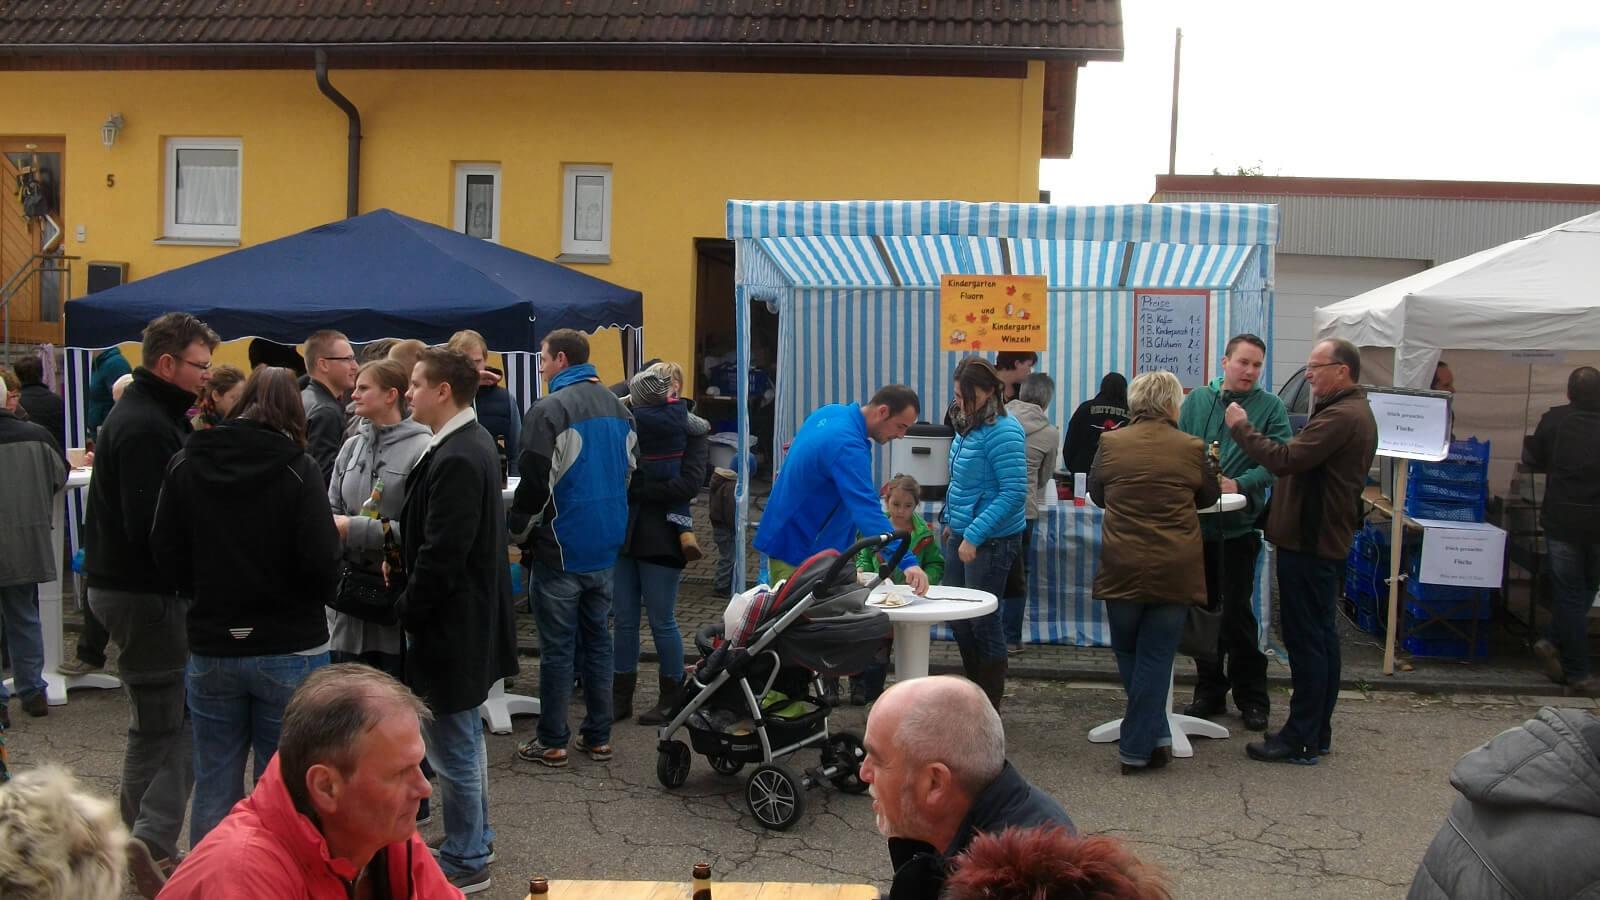 Markt in Fluorn